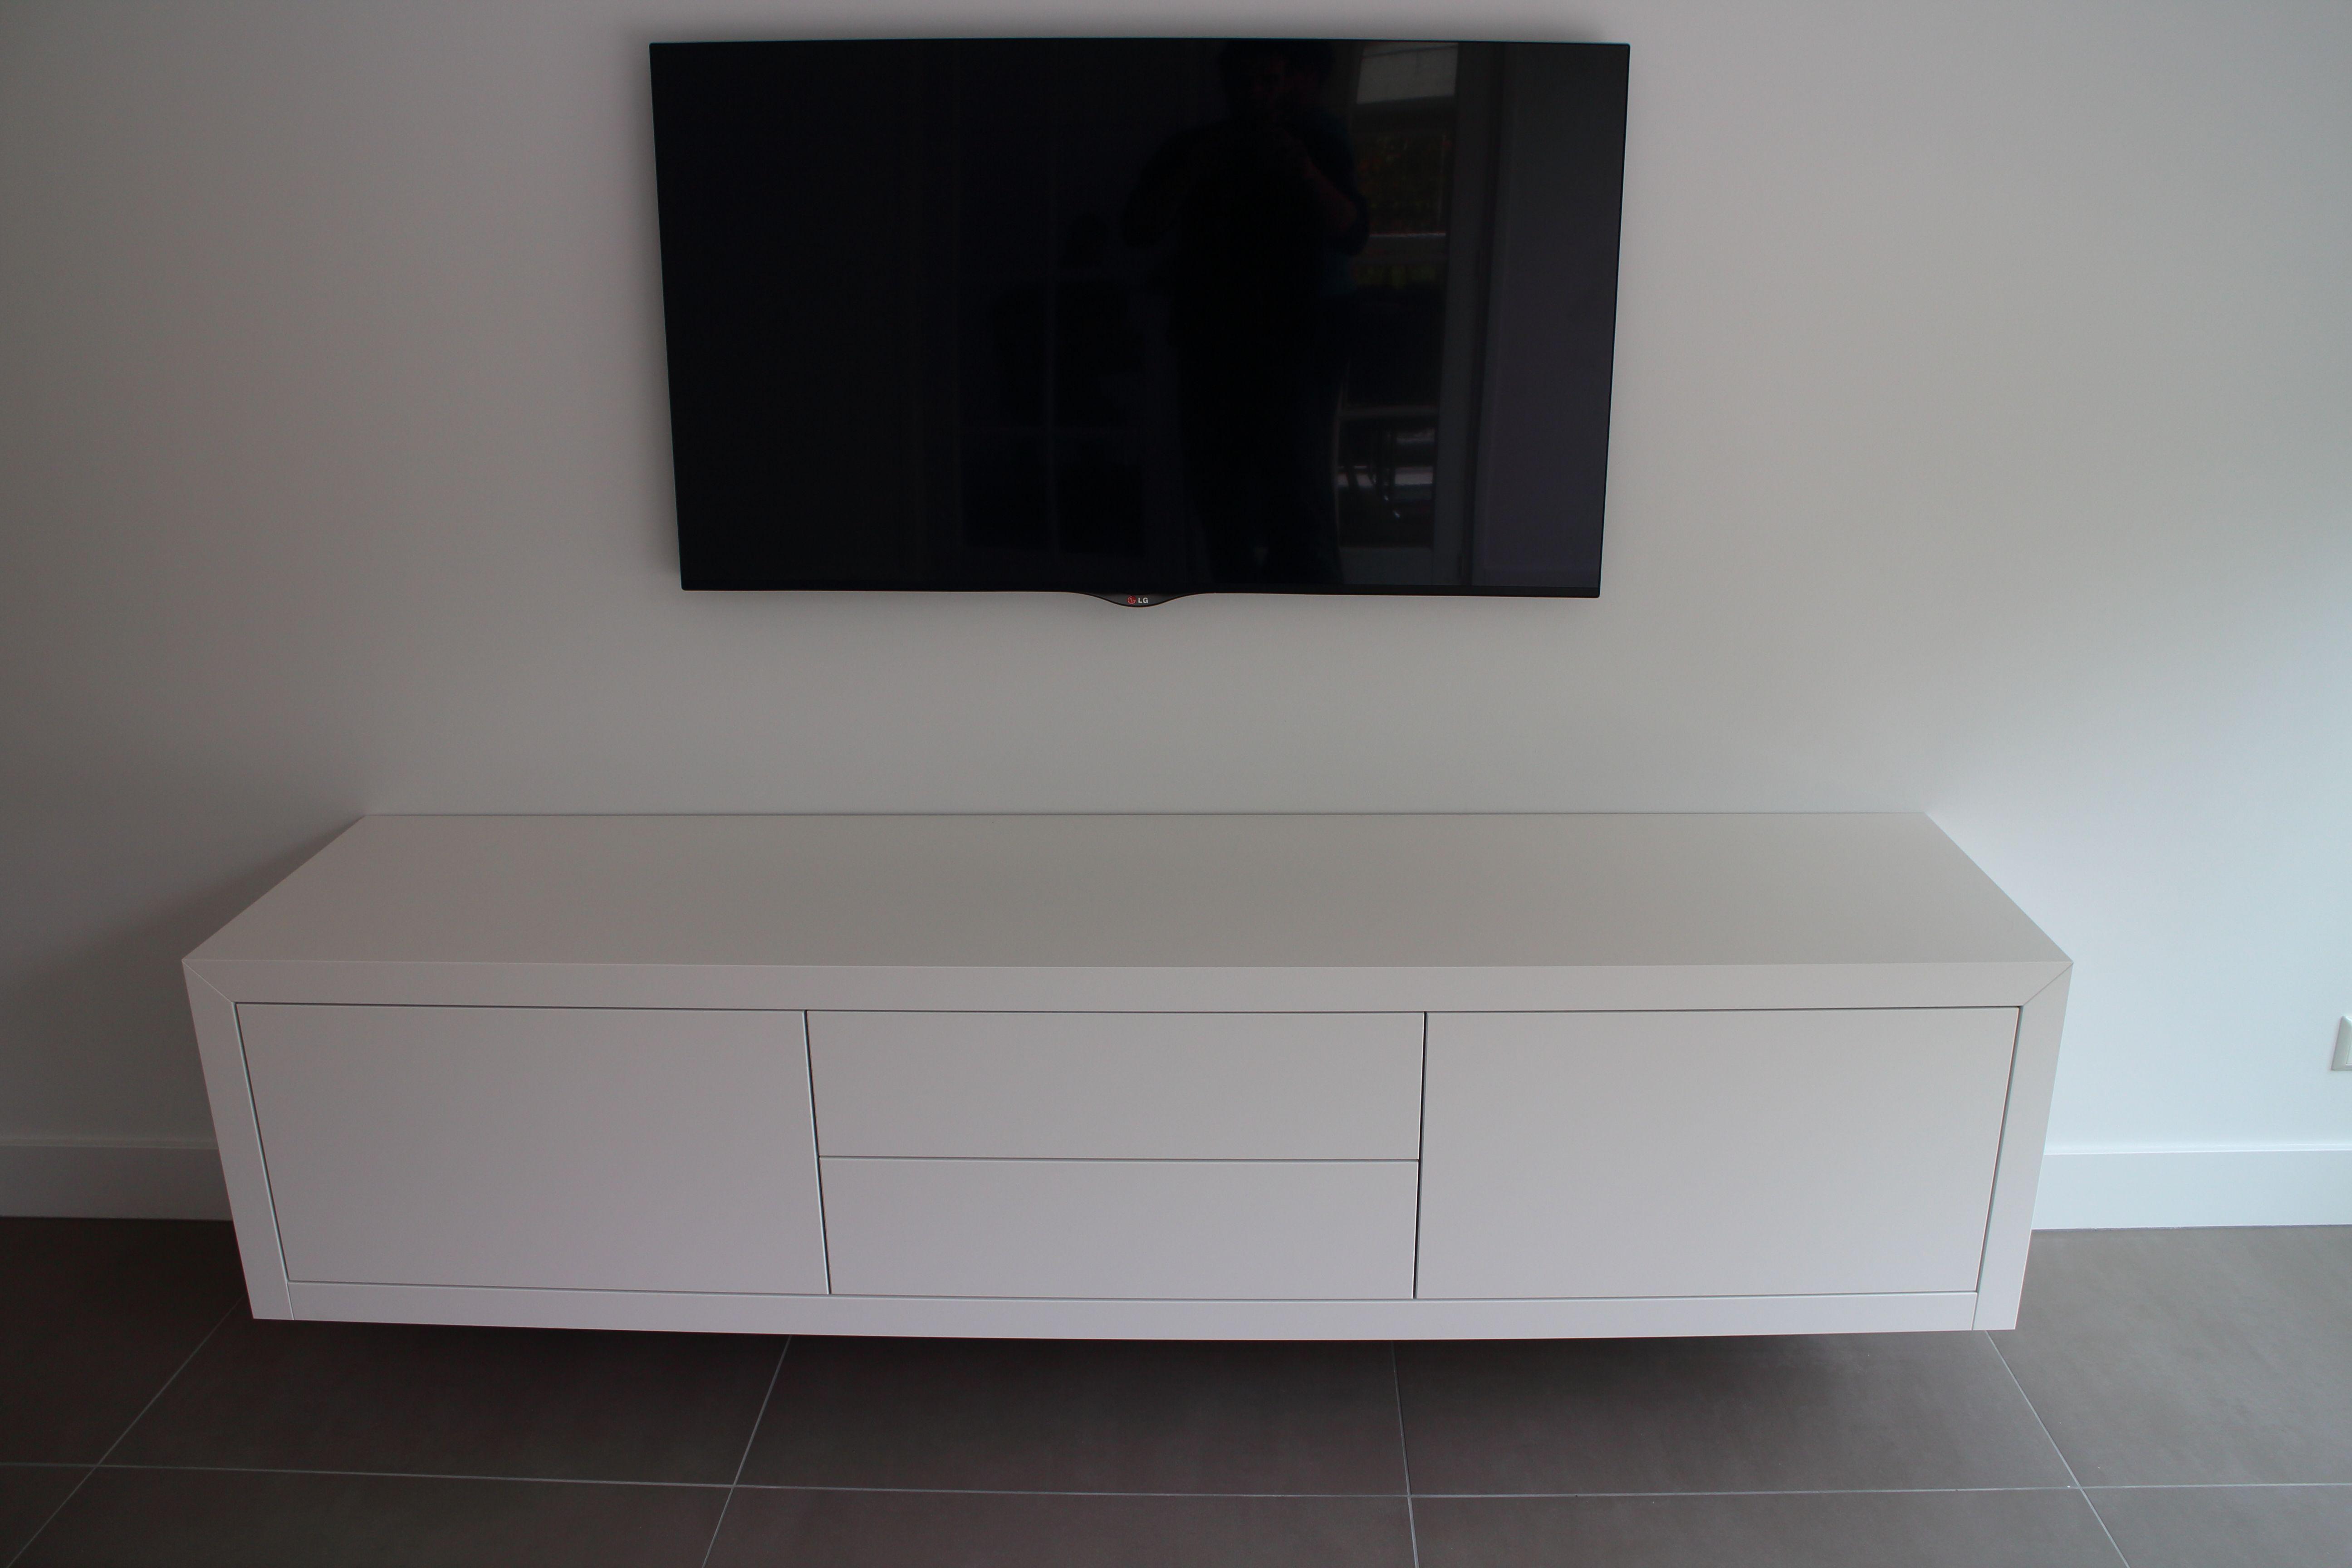 zwevend mat wit tv meubel op maat 180 cm bezoek onze website en